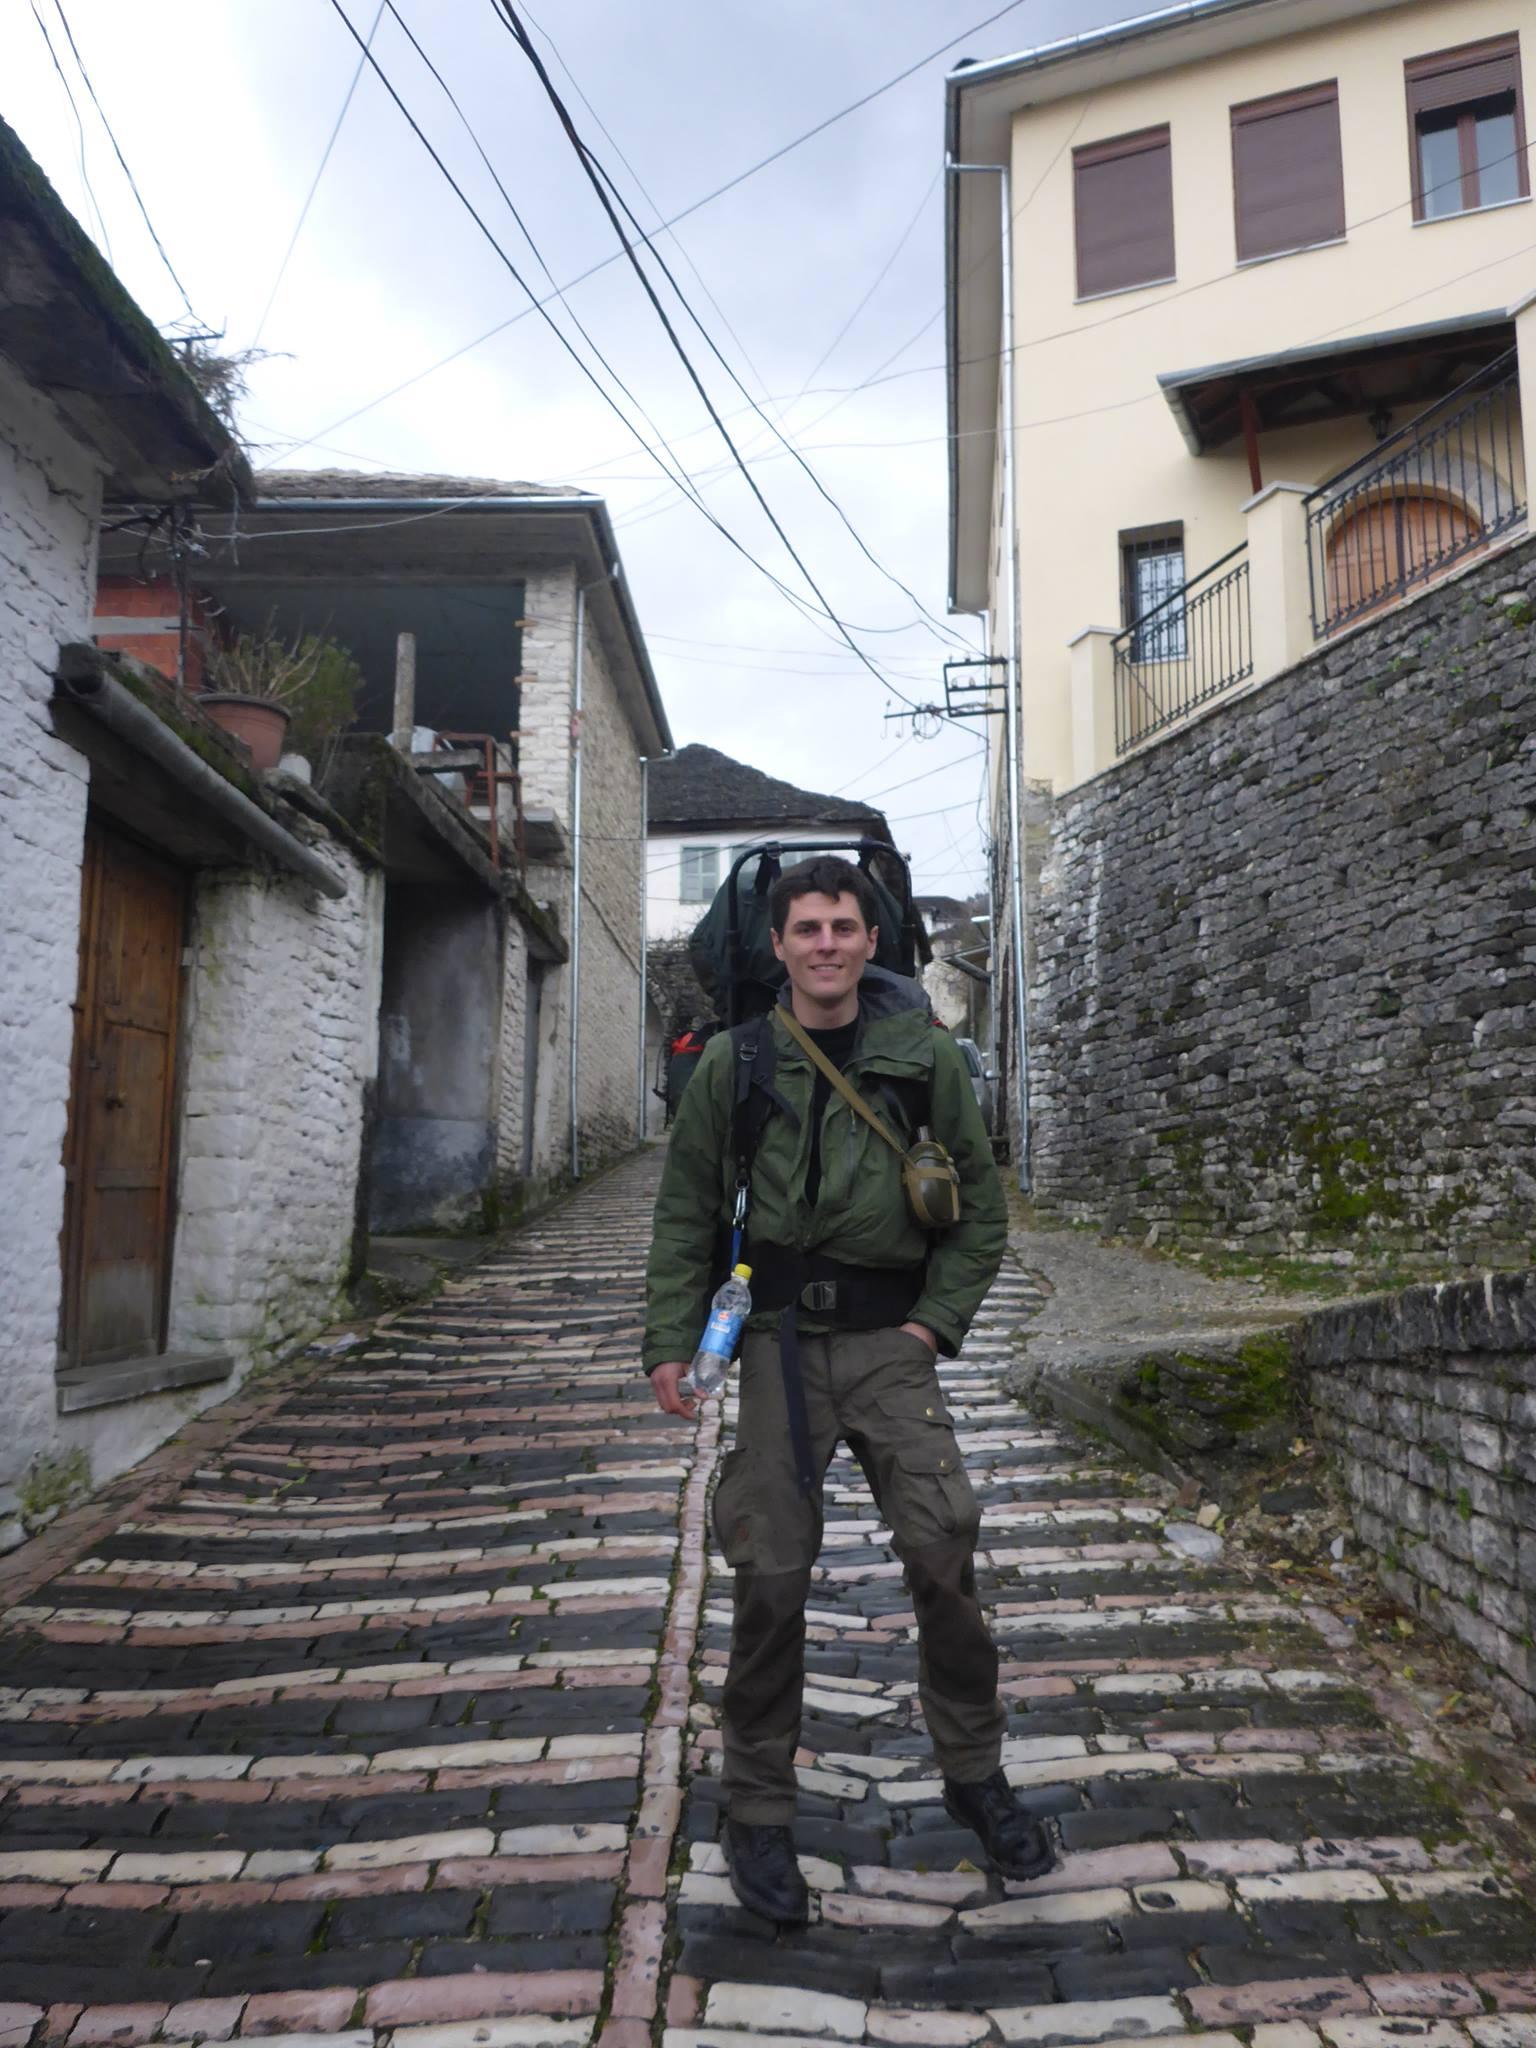 Et François, mon ancien compagnon de marche de ma première année de voyage, arrive de France afin de marcher deux semaines en ma compagnie